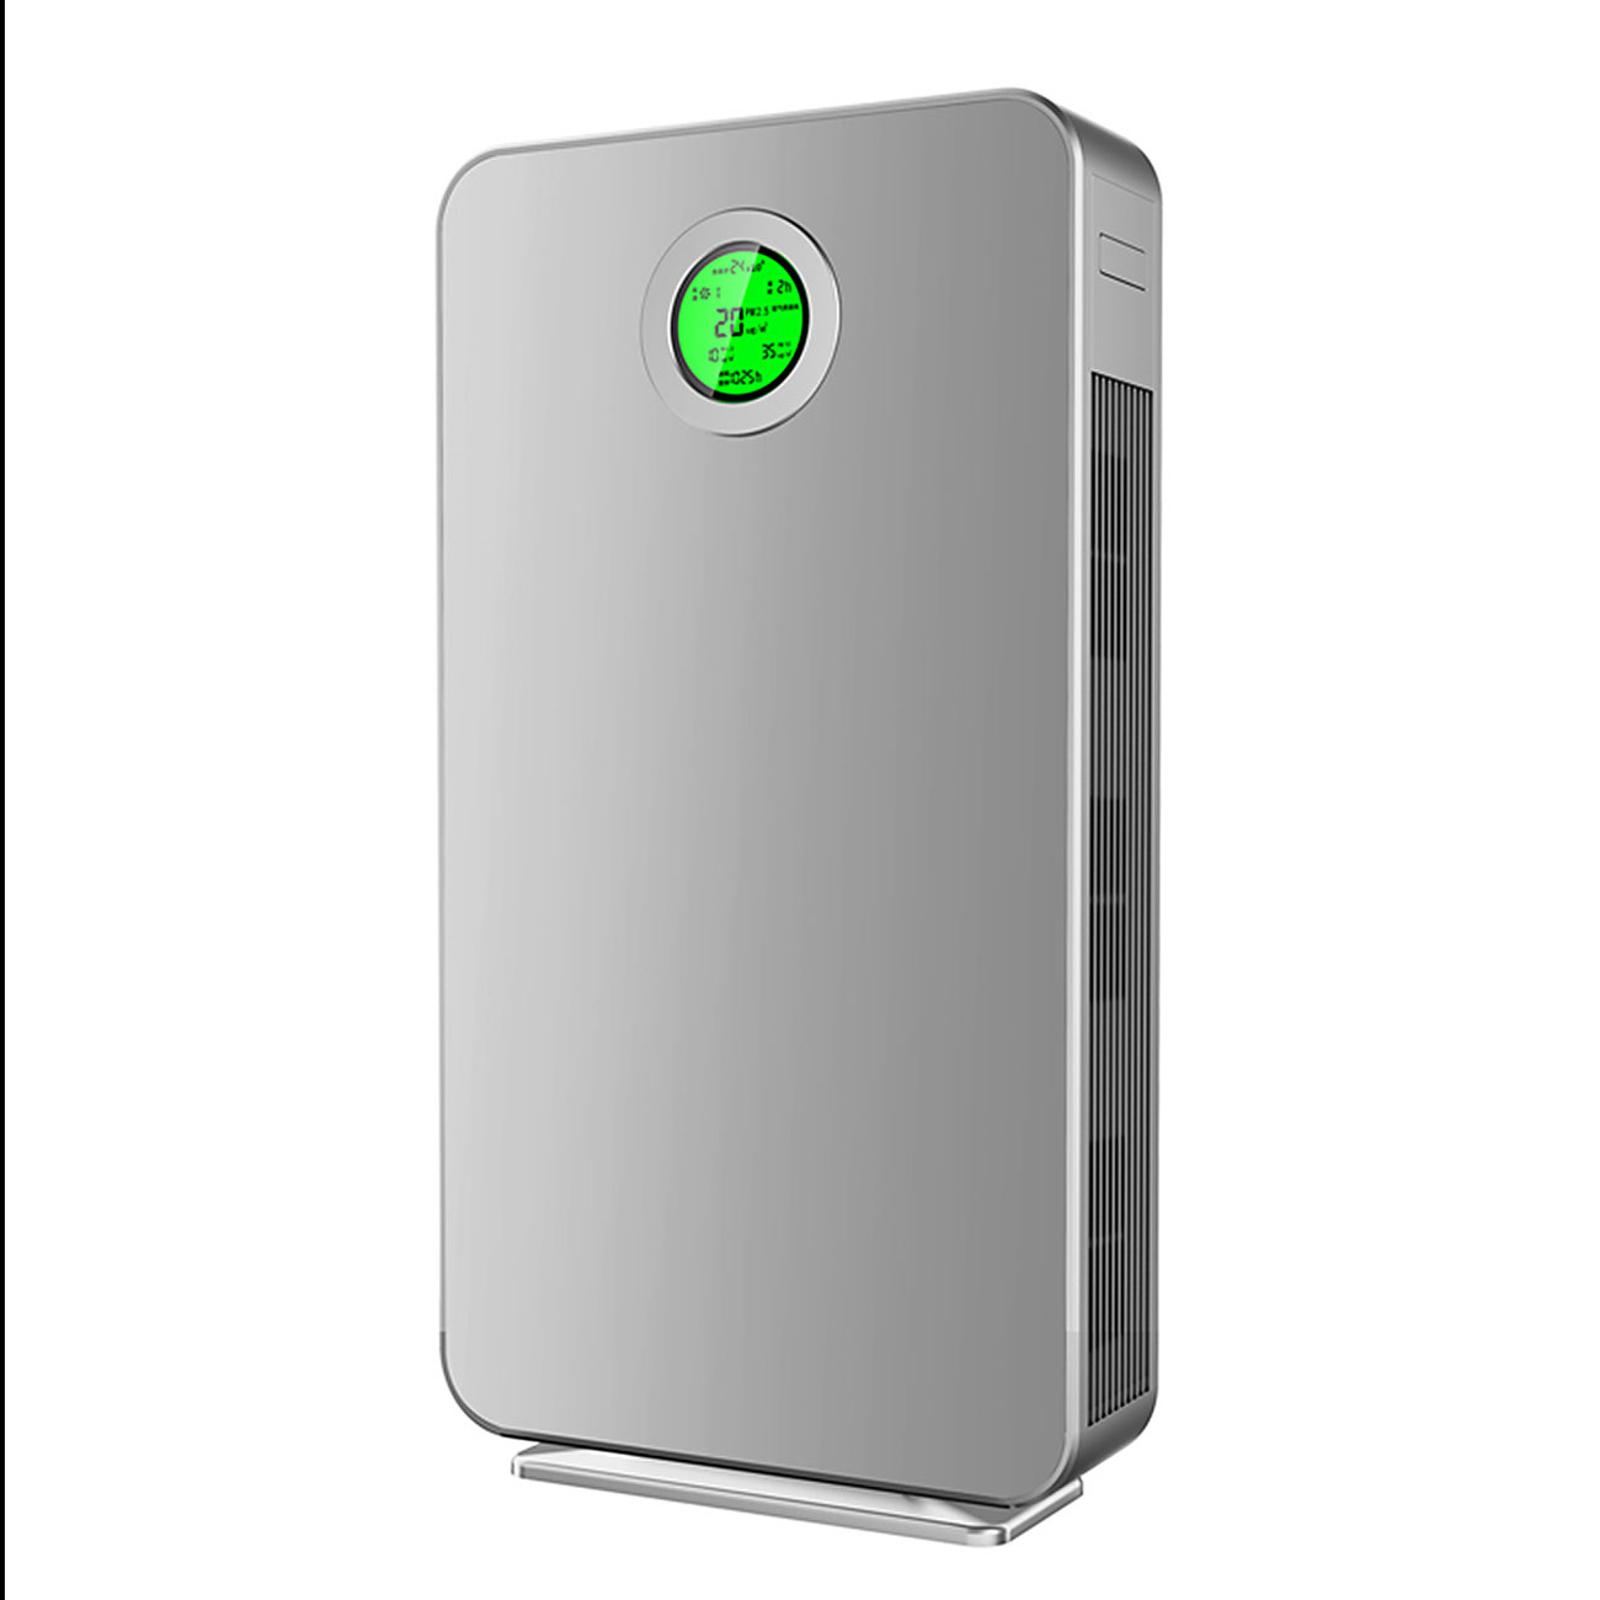 Oczyszczacz powietrza NEVOOX LF 2020 UV-C